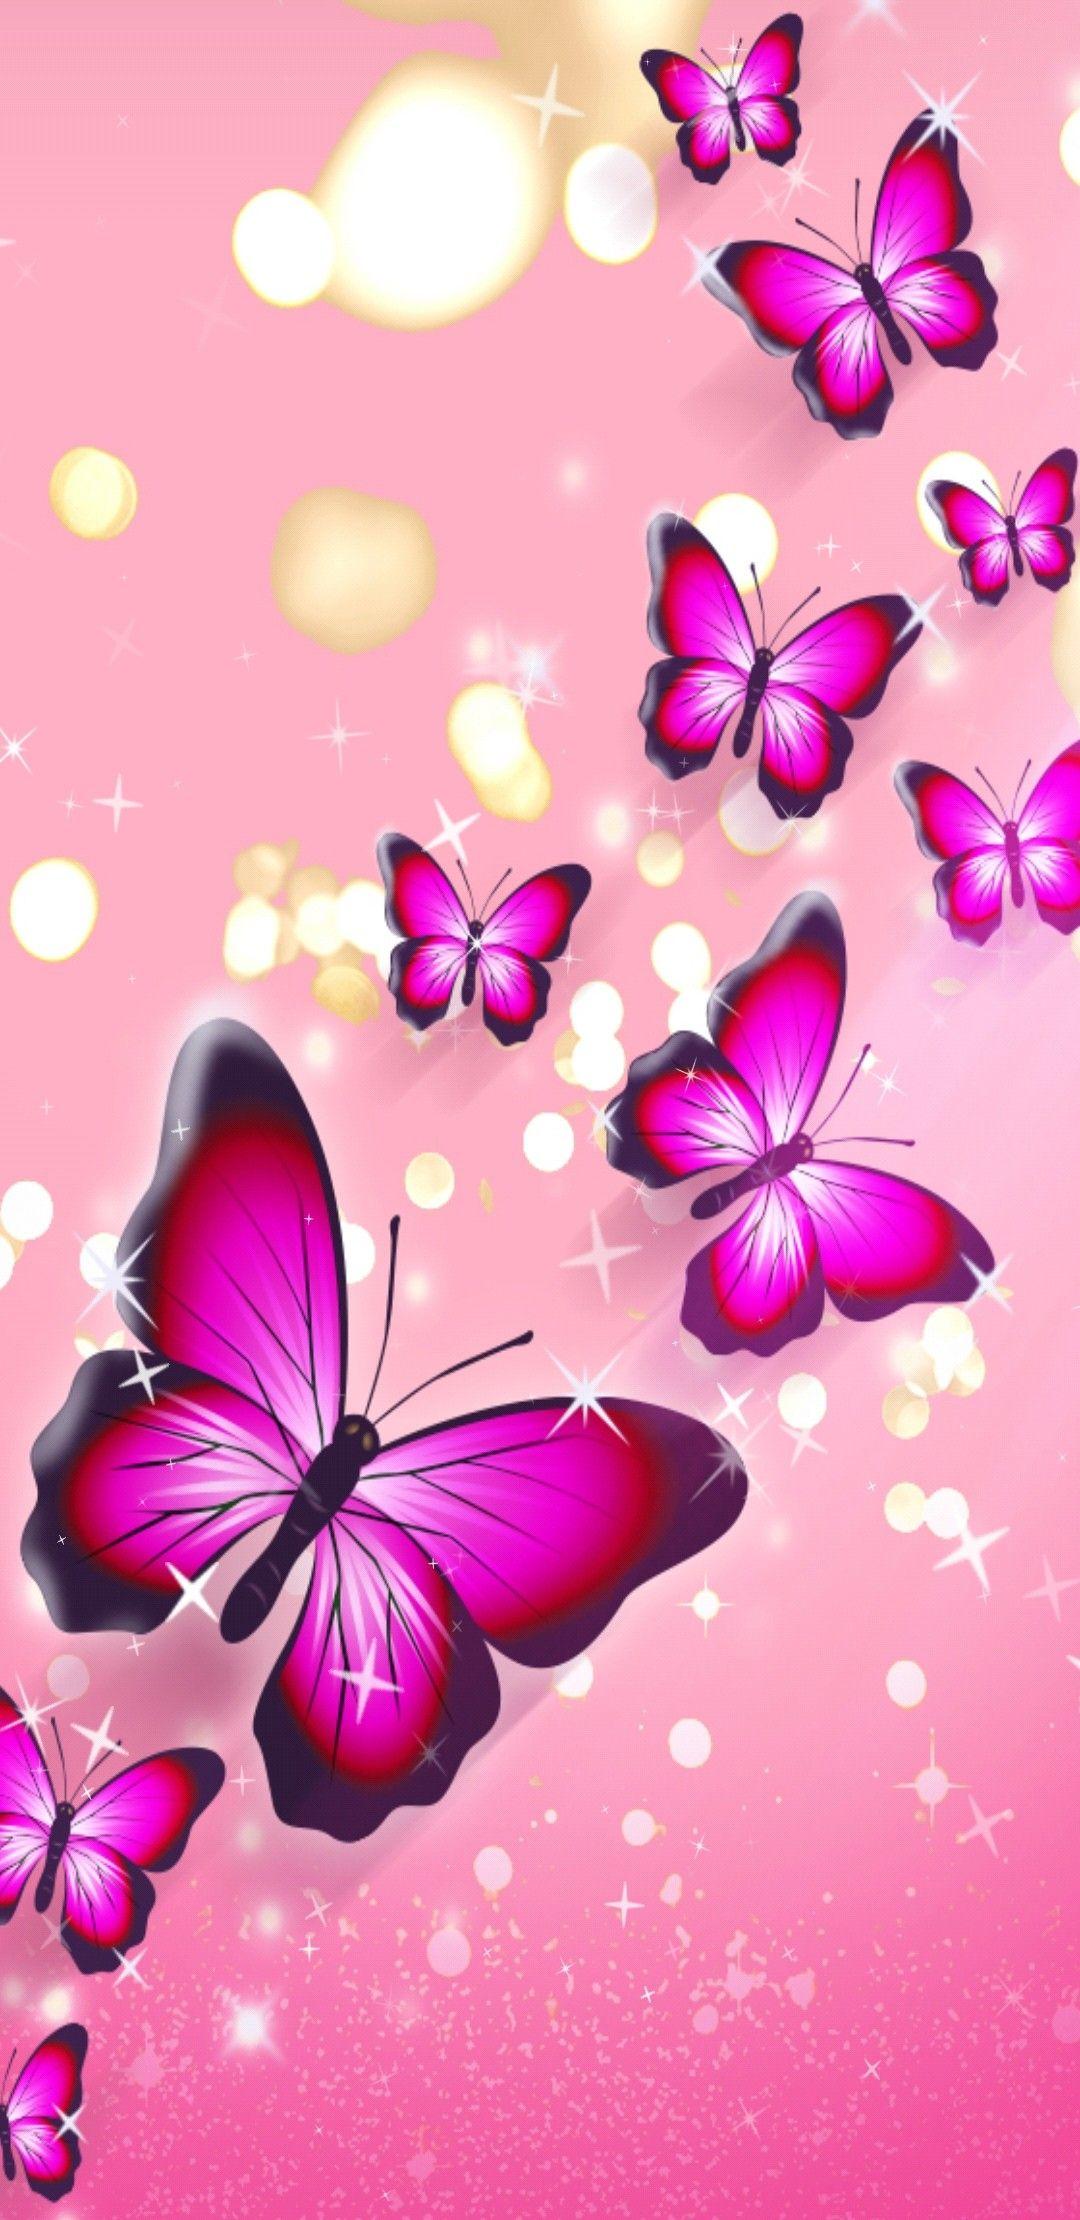 Hintergrund - Rosa Mit Pinkfarbenen Schmetterlingen (Mit innen Hintergrundbilder Blumen Und Schmetterlinge